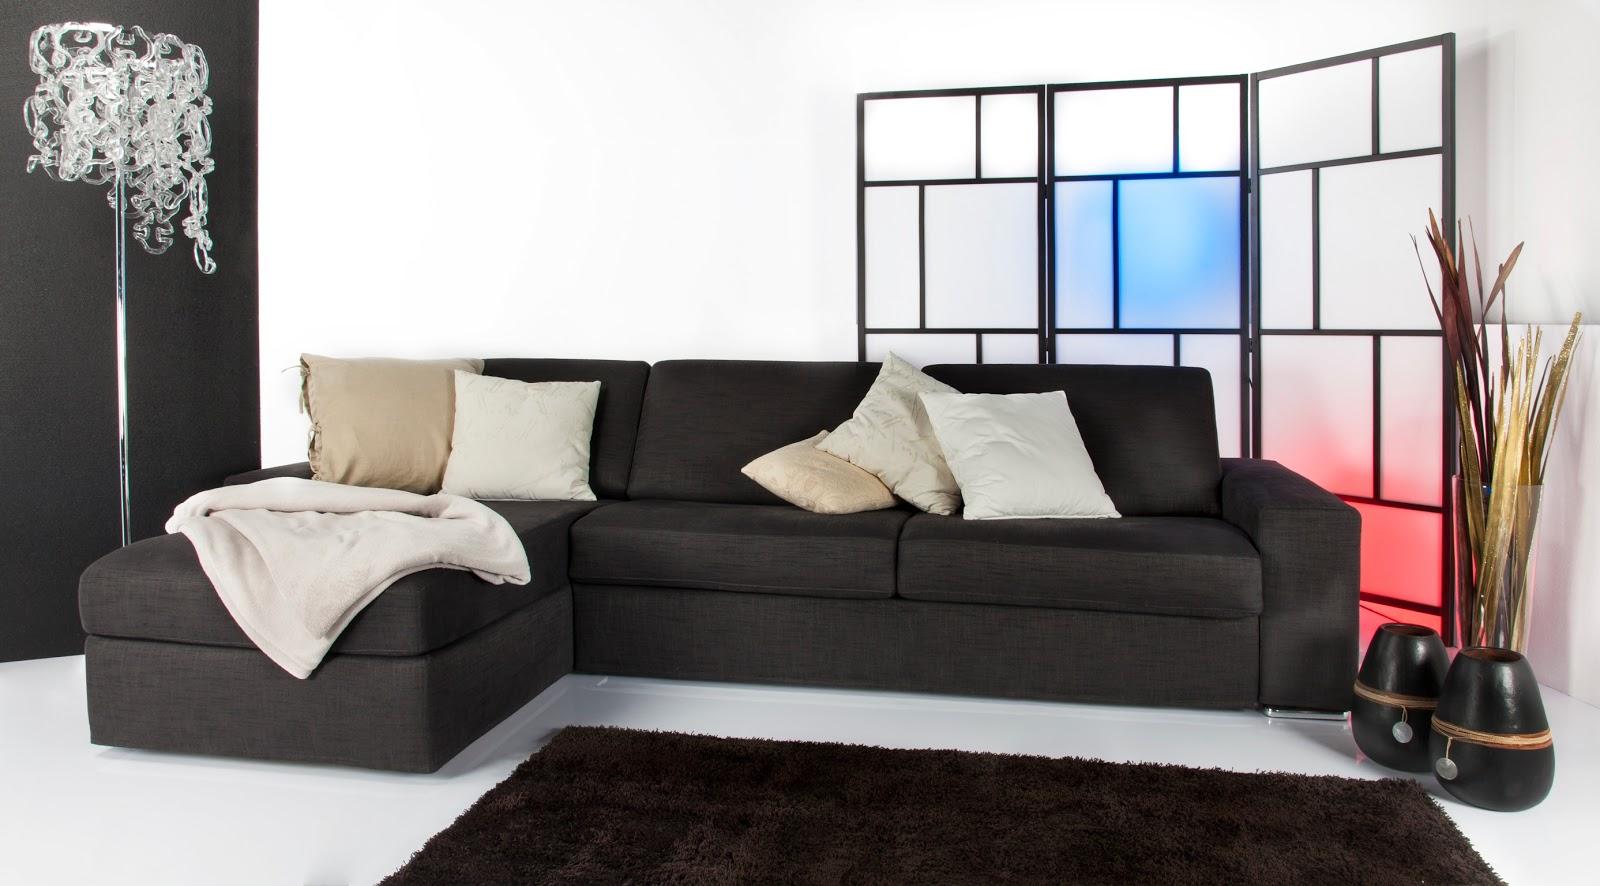 Divani blog tino mariani nuove immagini del divano for Divani letto con contenitore